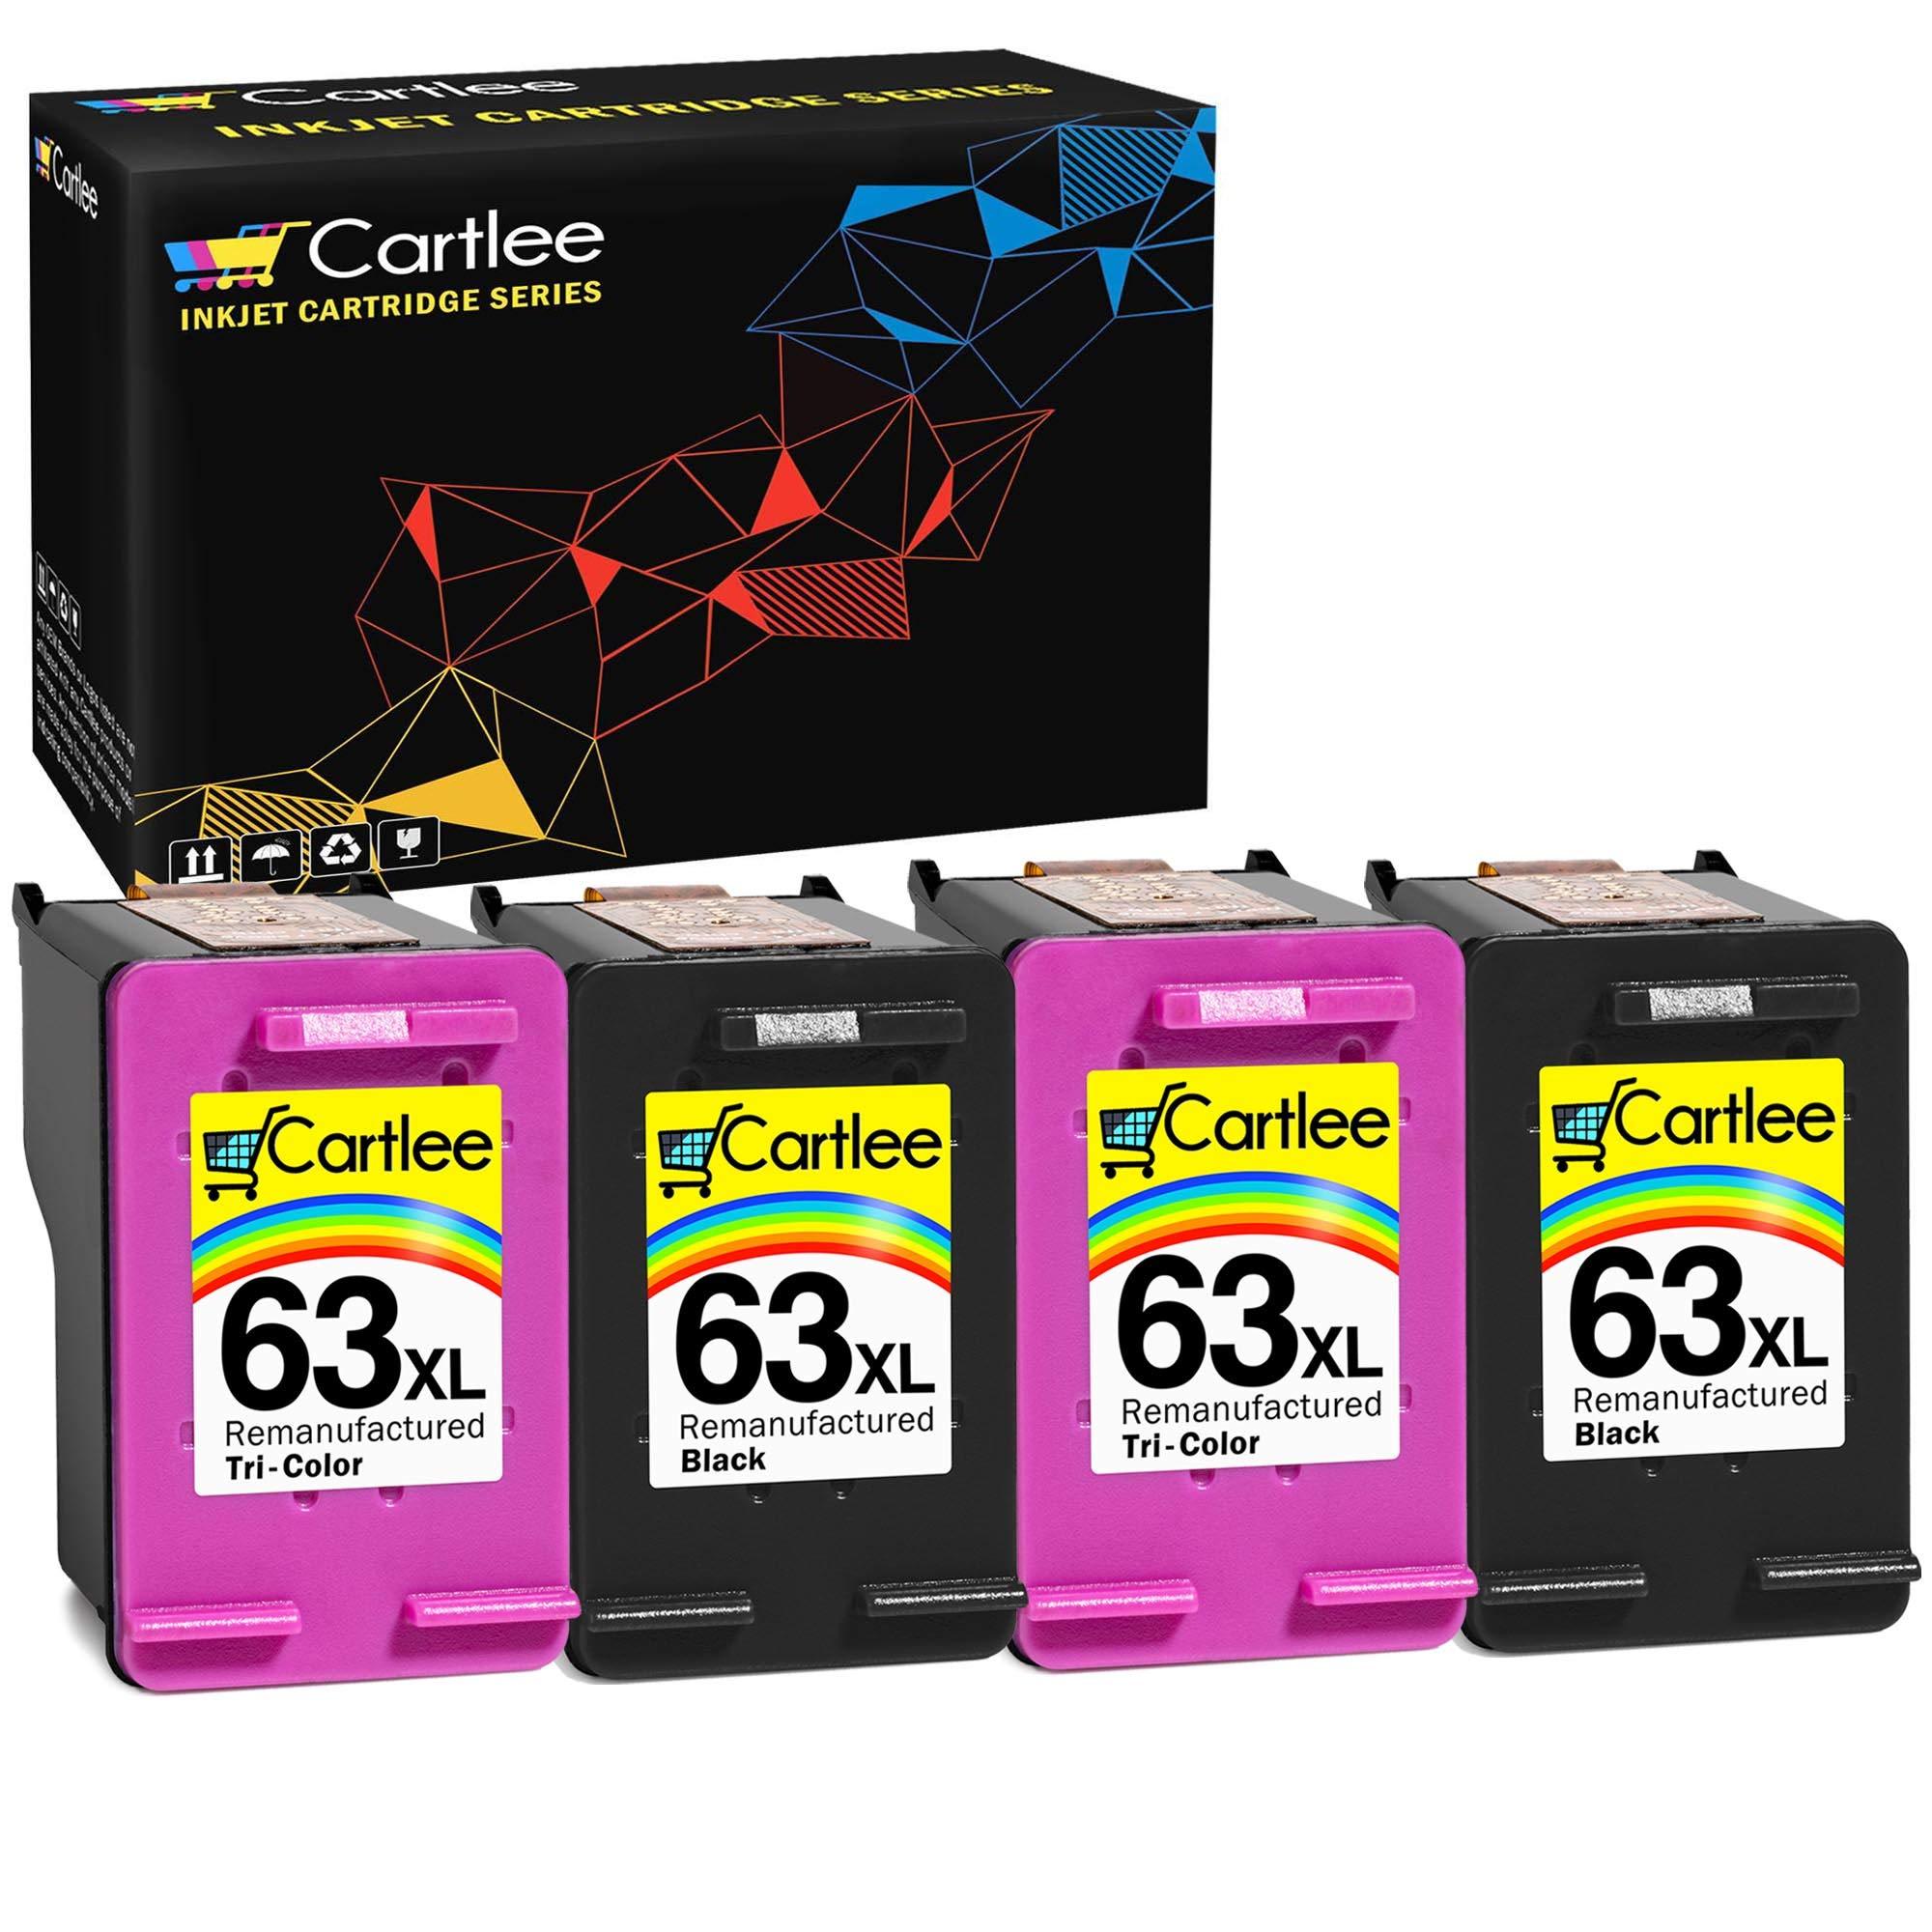 Cartlee 4 Remanufactured 63XL 63 XL High Yield Ink Cartridges for HP Envy 4512 4520 DeskJet 3632 2130 1110 1112 2132 3630 3634 3636 3637 OfficeJet 3830 3833 4650 4652 5255 5258 Printer 2 Black 2 Color